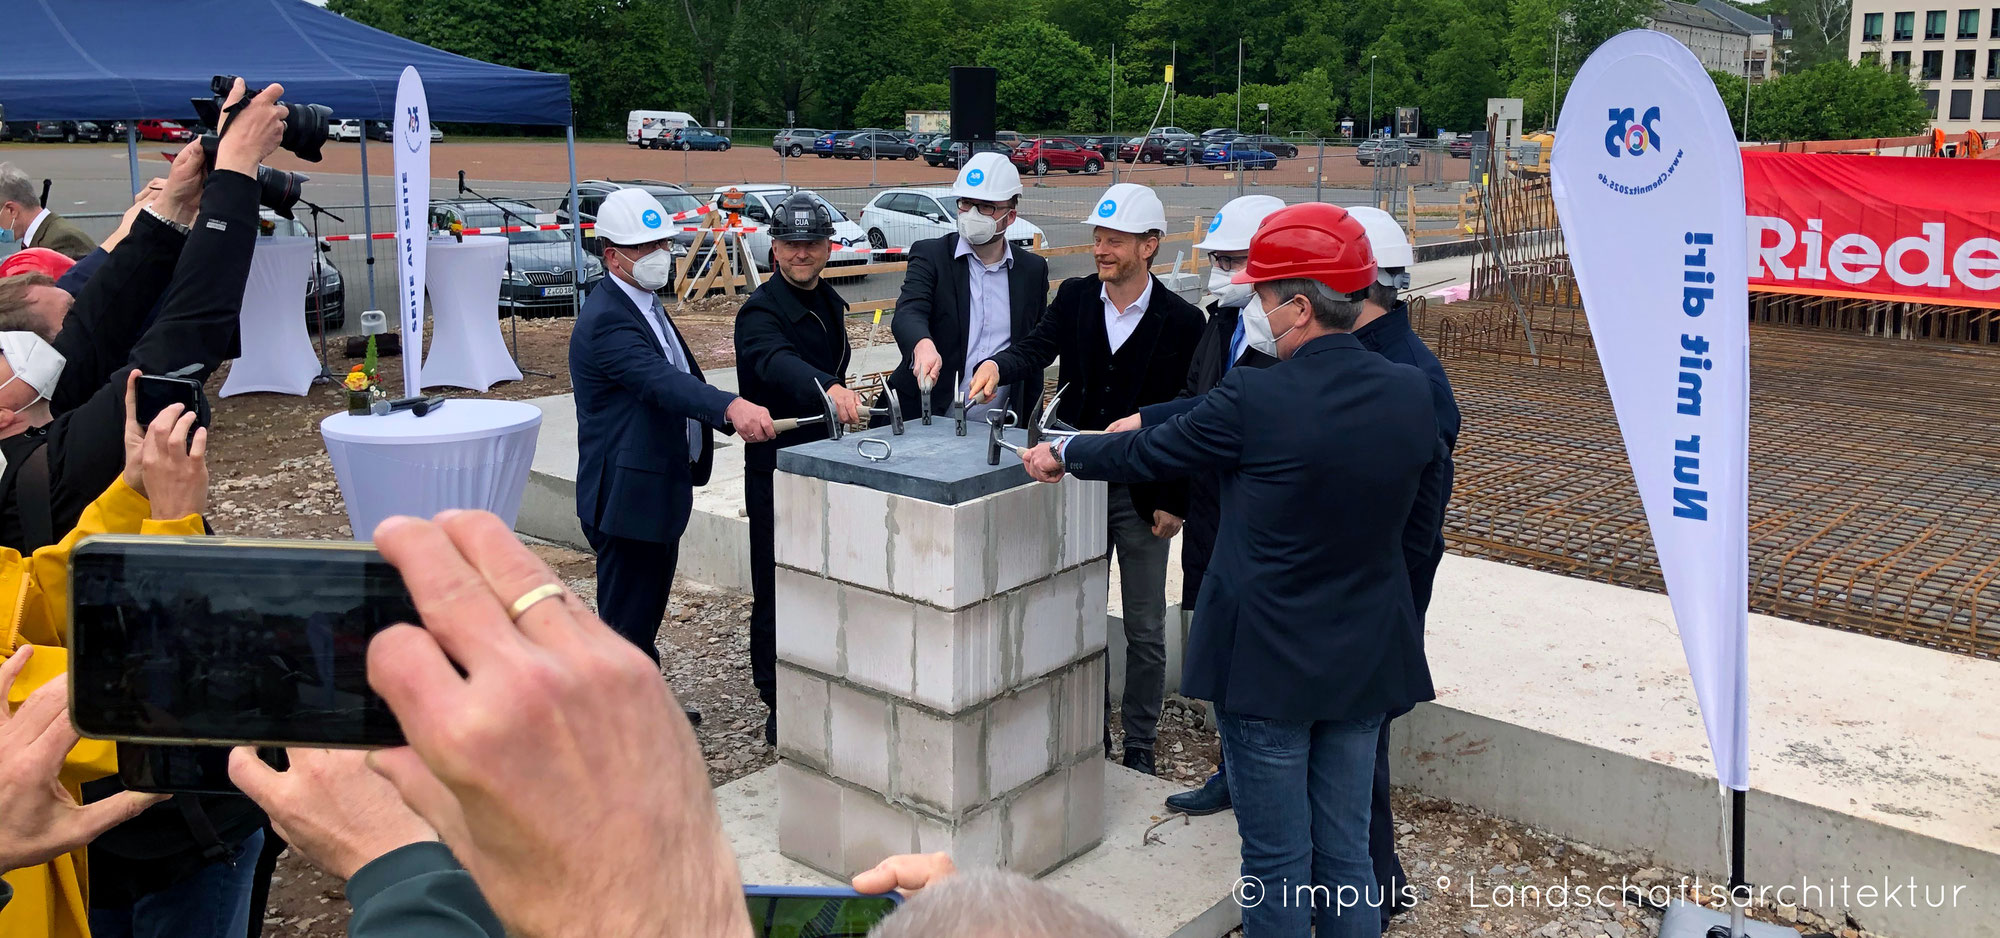 Grundsteinlegung für die Oberschule am Hartmannplatz in Chemnitz